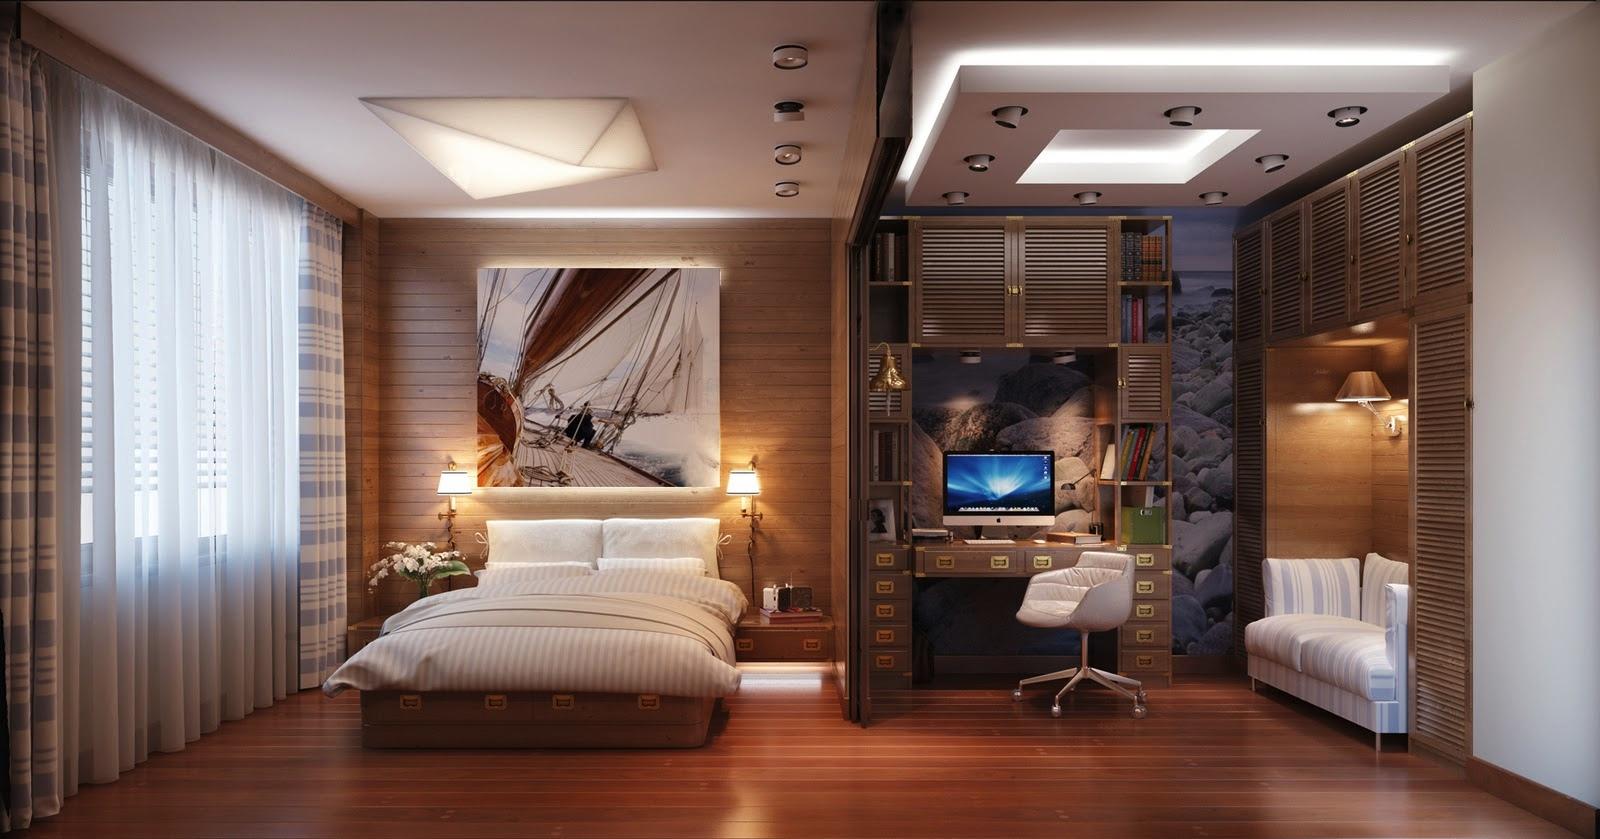 Офис расположенный в спальне удобно отделить большой сдвижной дверью.